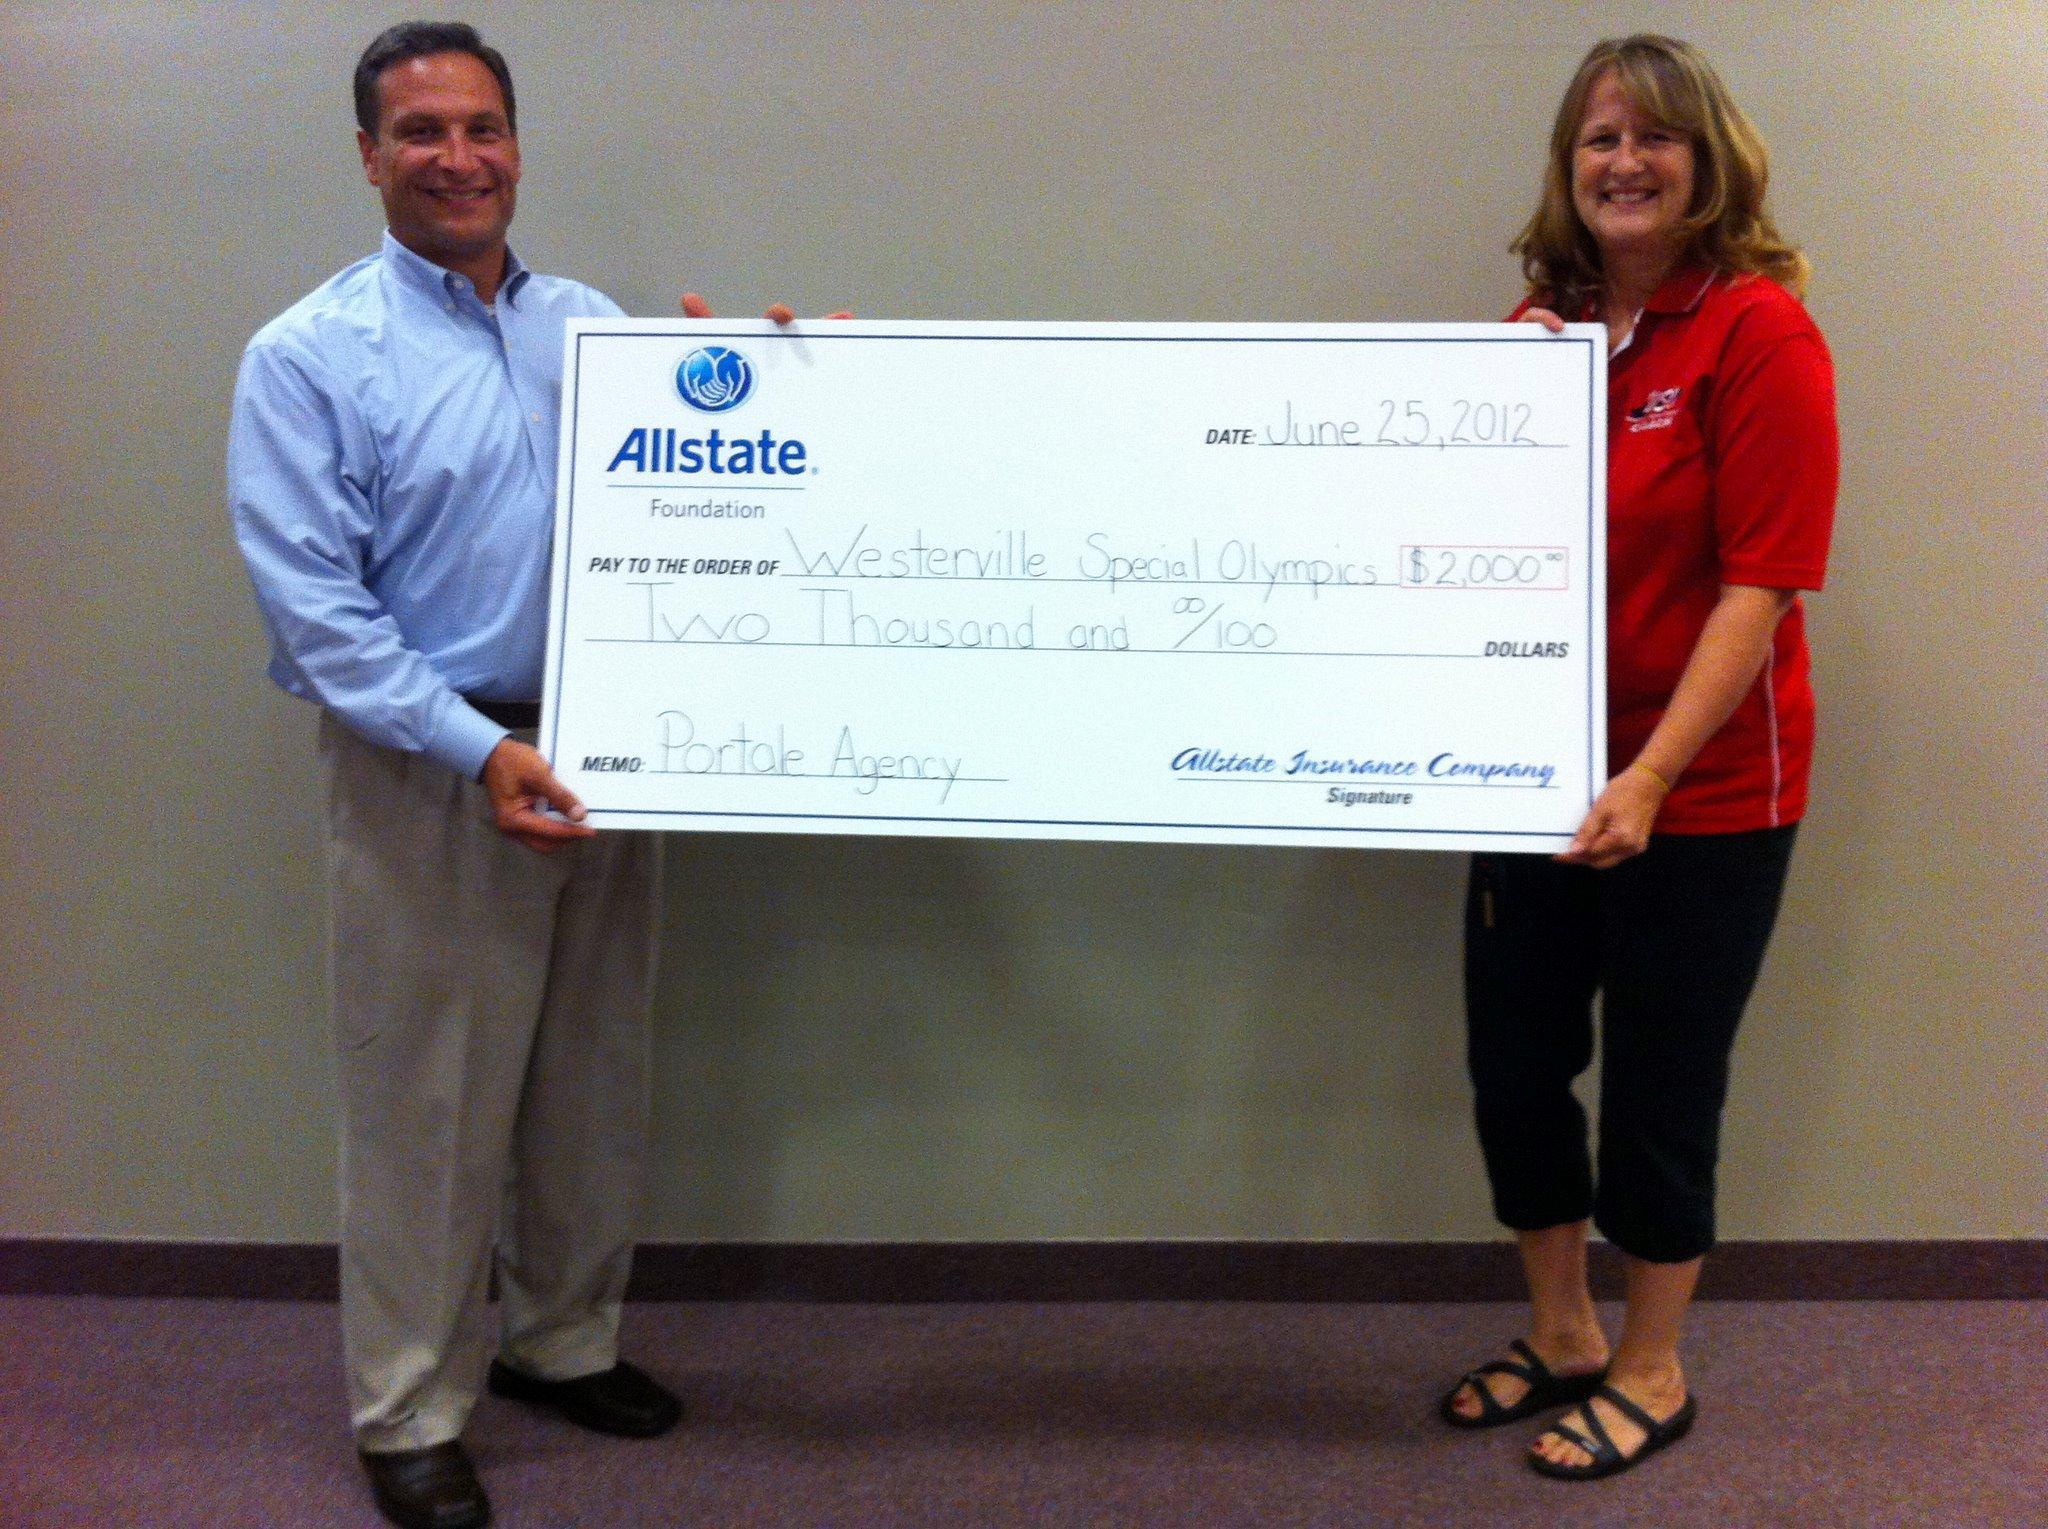 Mark Portale: Allstate Insurance image 2